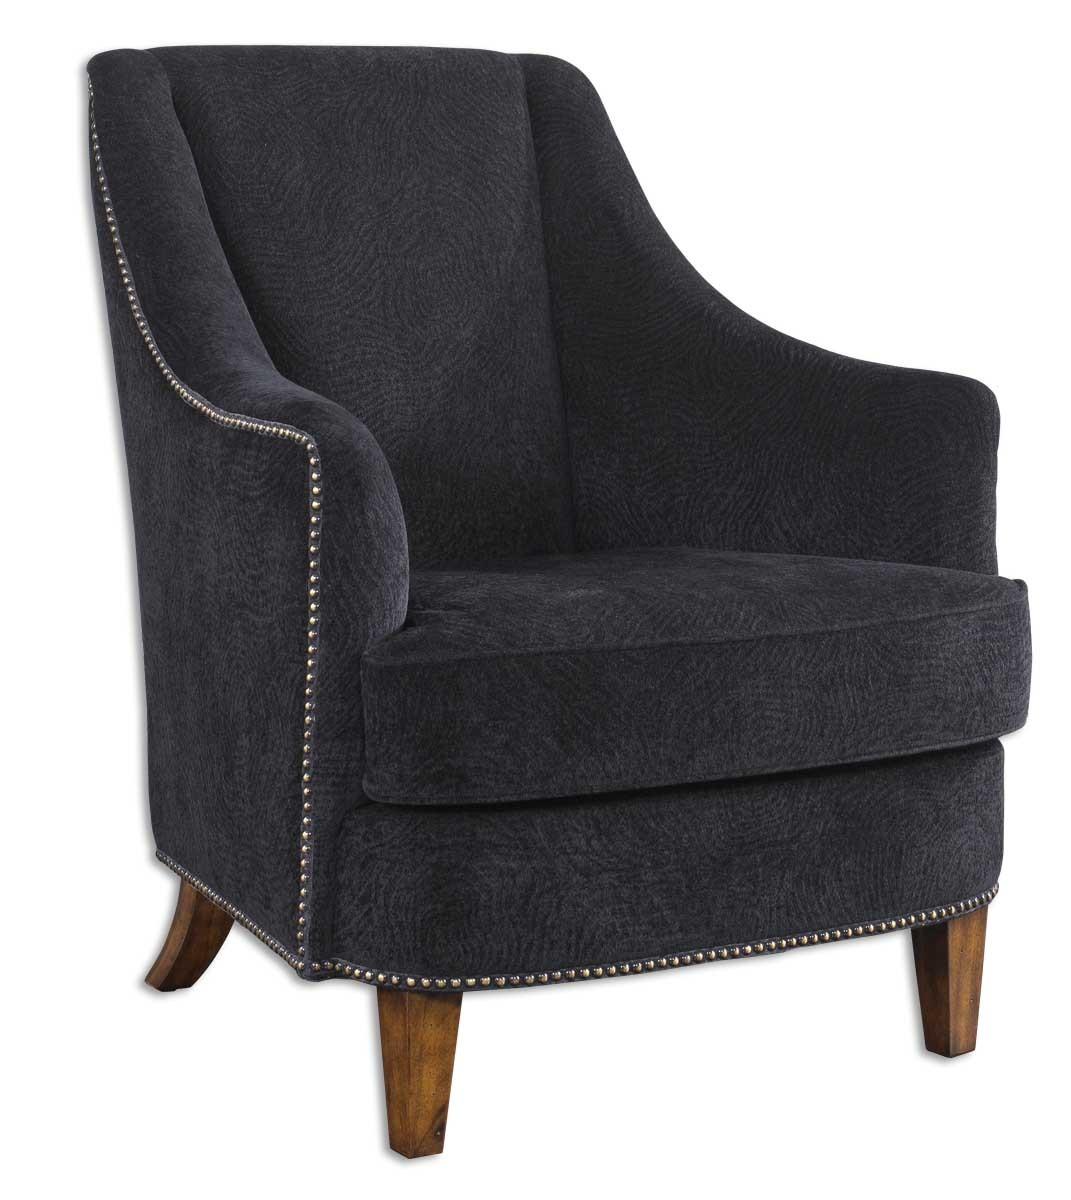 Uttermost Nala Midnight Black Armchair